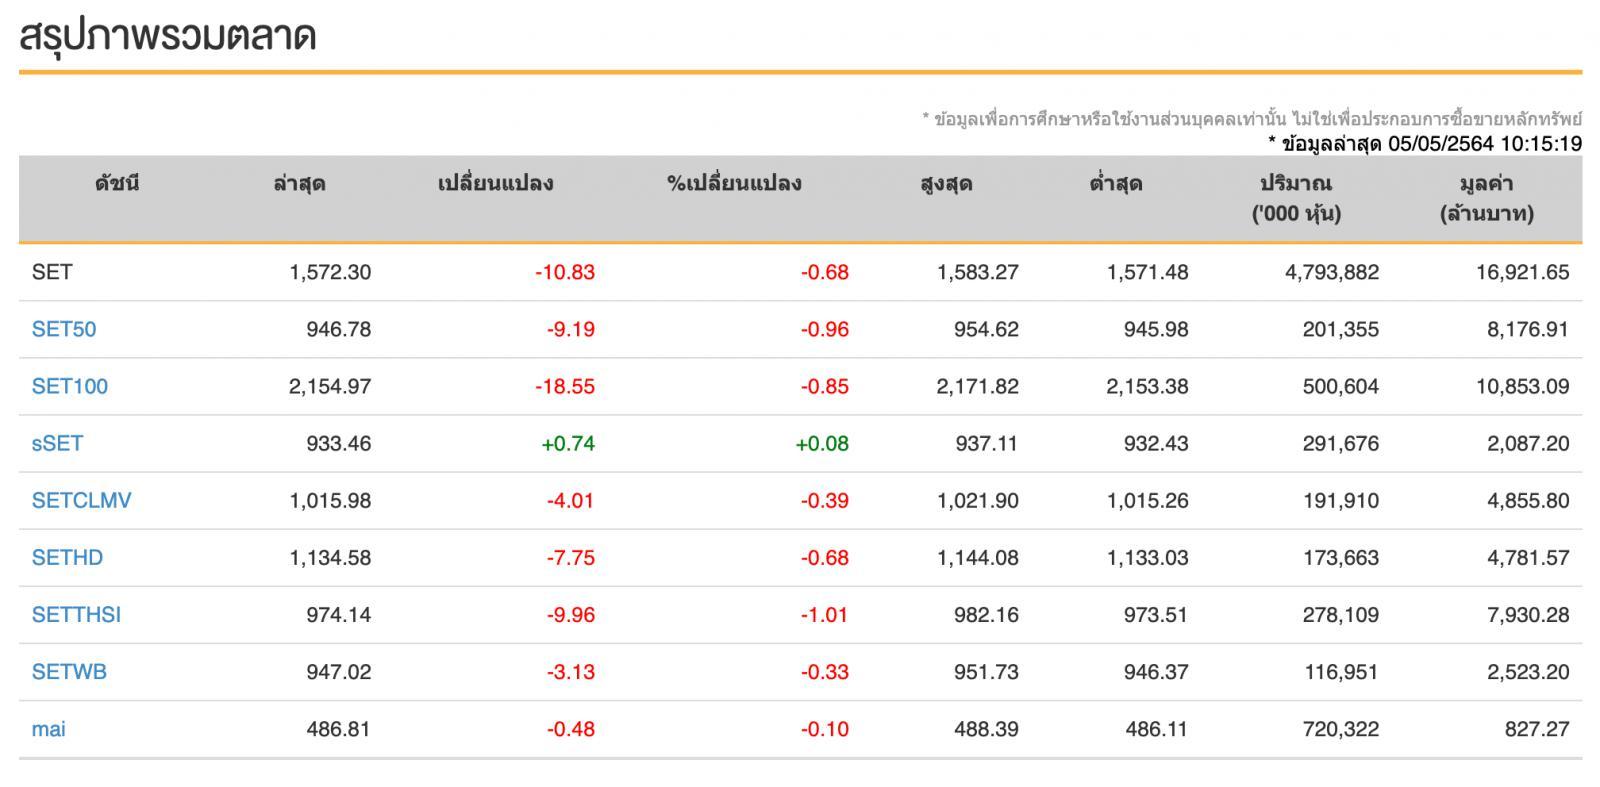 หุ้นไทยวันนี้ (5 พ.ค.64)  ปิดร่วงไป  33.91 จุด  โควิดทำเศรษฐกิจไทยแย่